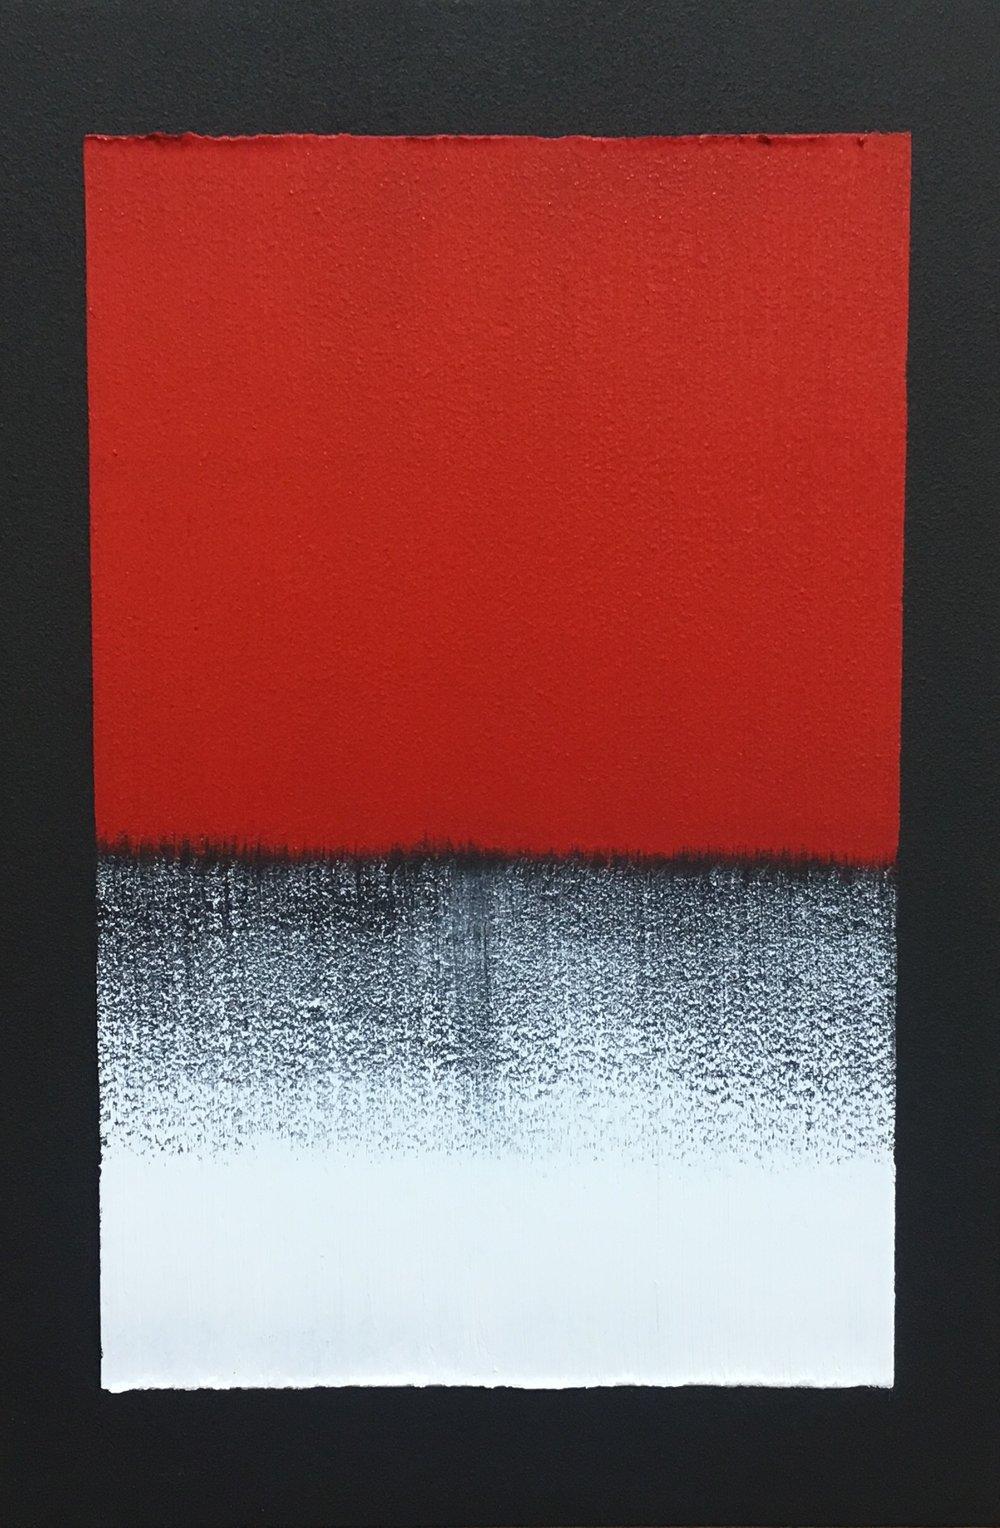 김수수_불(火) 2018 oil on canvas 41x27cm